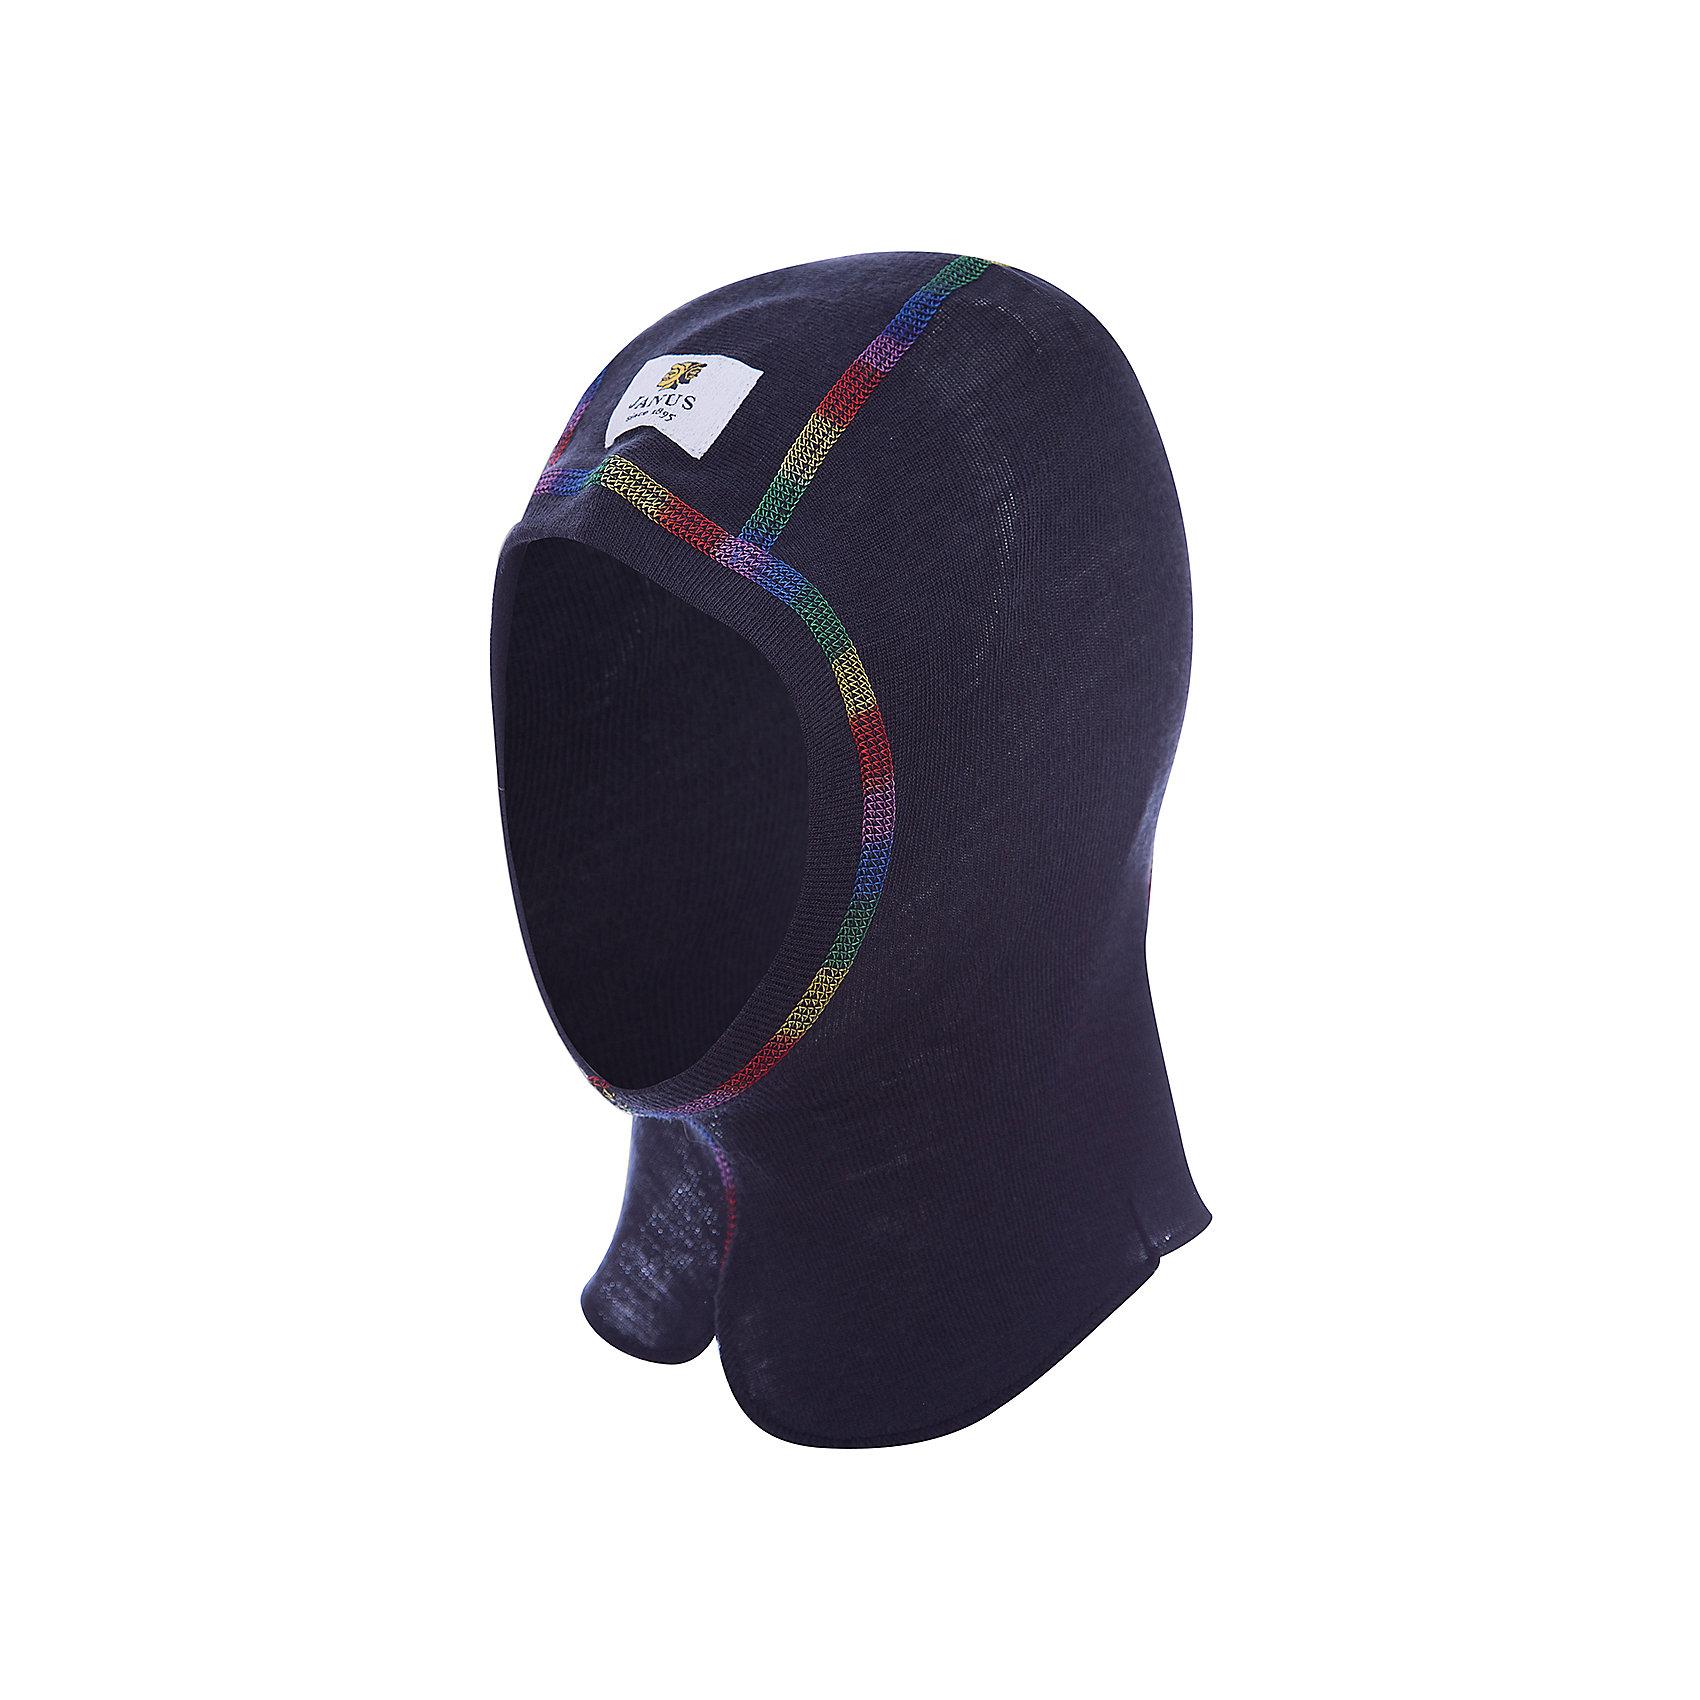 Шапка-шлем JanusФлис и термобелье<br>Шапка-шлем известной марки Janus.<br><br>Шапка-шлем однослойный из 100% шерсти мериноса, идеально подходит под все виды зимних головных уборов. Контрастные цветные плоские швы не натирают кожу ребенка и отличаются оригинальным дизайном. Детский шлем-балаклава Janus из 100%-ной мериносовой шерсти станет надежным щитом от мороза и ветра. Выполненный из целебной шерсти овец мериносов, он будет не только сохранять тепло, но оказывать лечебное воздействие на ушки и горло ребенка, которые часто подвергаются болезням в холодное время года.<br><br>Состав: 100% шерсть мериноса<br><br>Ширина мм: 89<br>Глубина мм: 117<br>Высота мм: 44<br>Вес г: 155<br>Цвет: серый<br>Возраст от месяцев: 72<br>Возраст до месяцев: 96<br>Пол: Мужской<br>Возраст: Детский<br>Размер: 53-55,51-53,49-51<br>SKU: 4913915